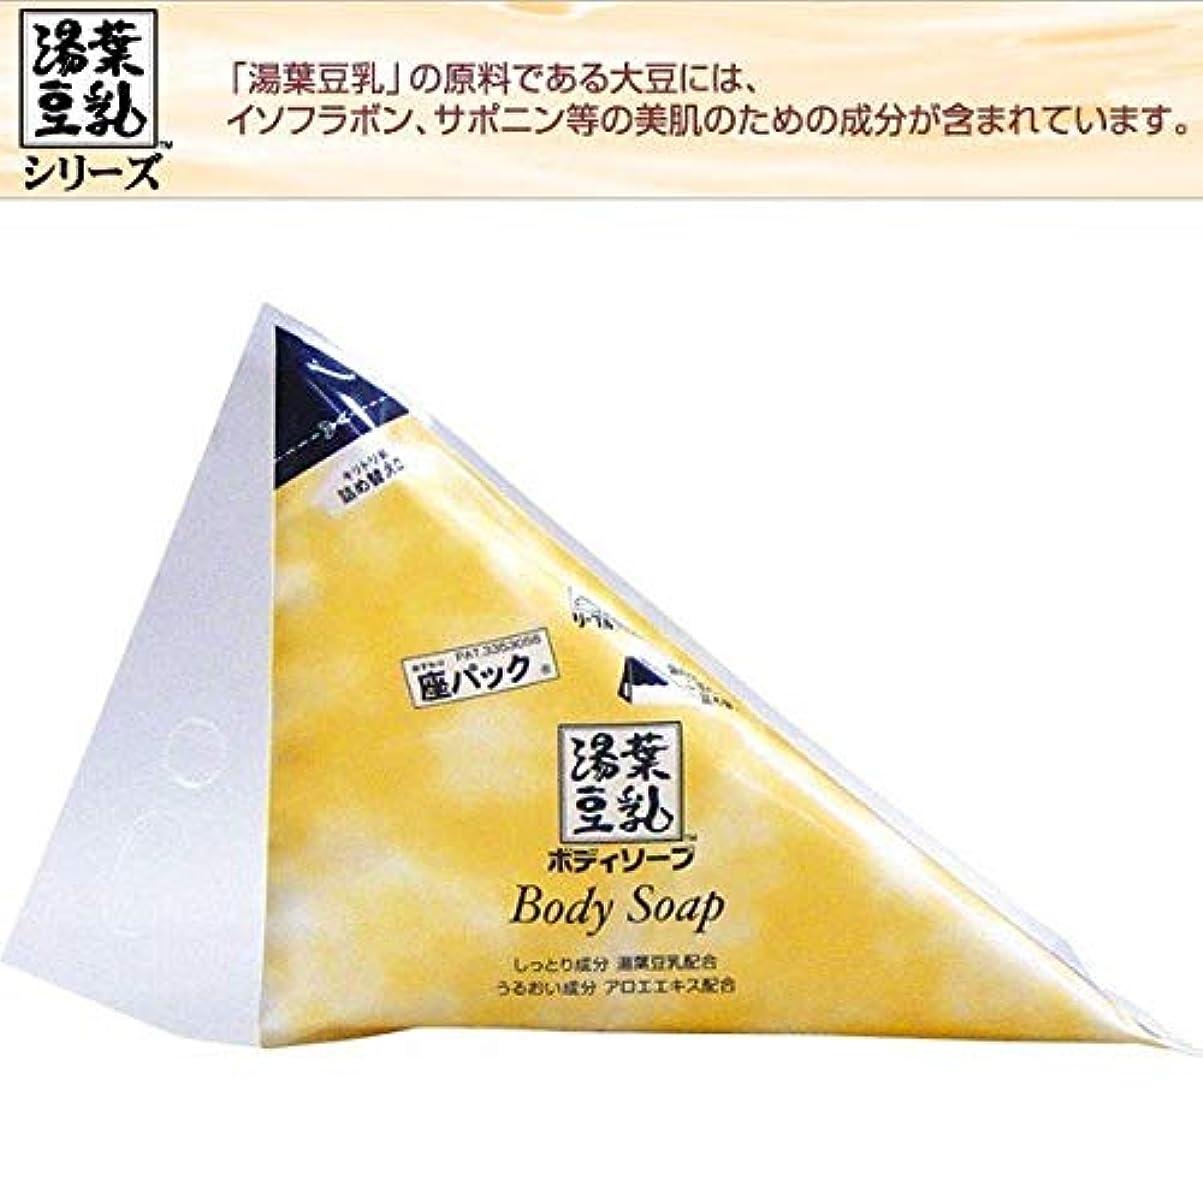 乗算句鮫フタバ化学 湯葉豆乳ボディソープ 16L詰め替え(2Lパック×8包)800ml空容器付